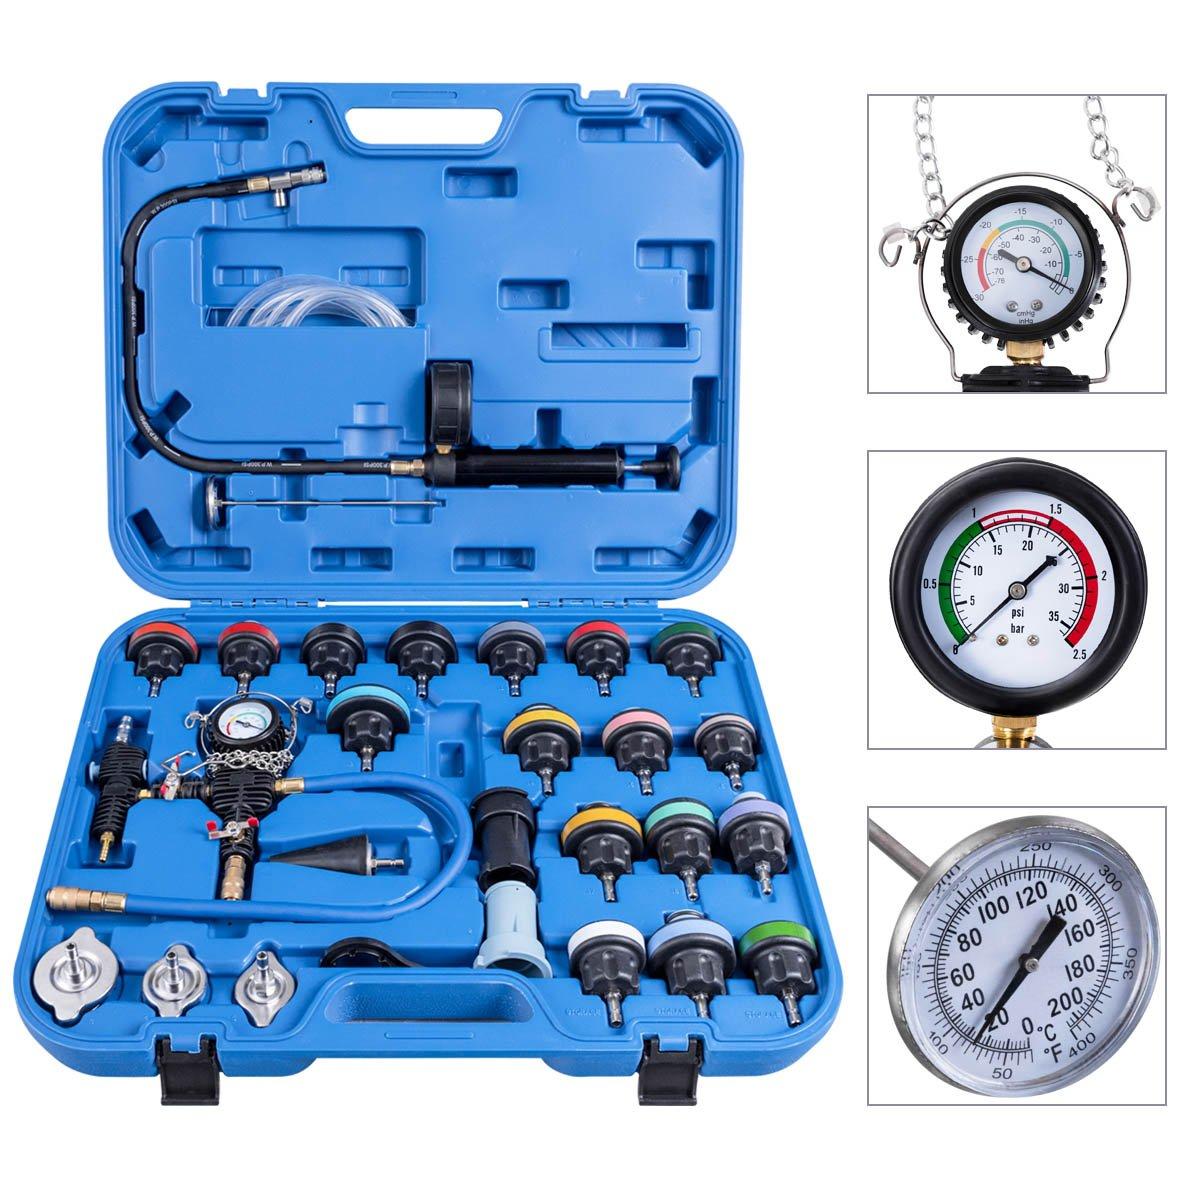 Blitzzauber24 Testeur de pression du circuit de refroidissement 28 Pcs Testeur de pression RadiateurOutil de suppression du test de pression Systè me de refroidissement